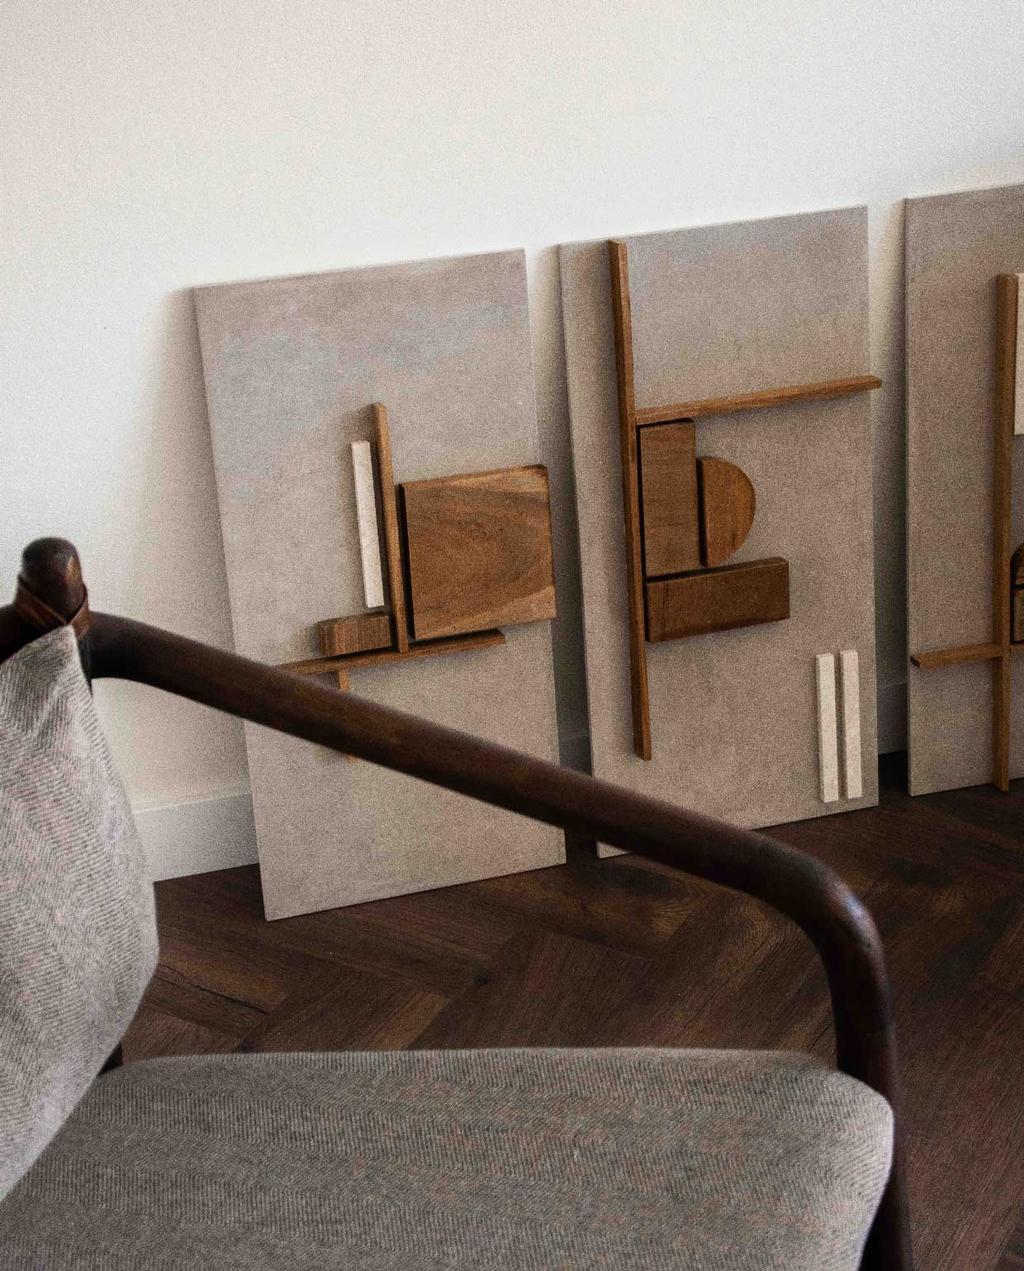 vtwonen blog rachel | drieluik kunst restmateriaal hout